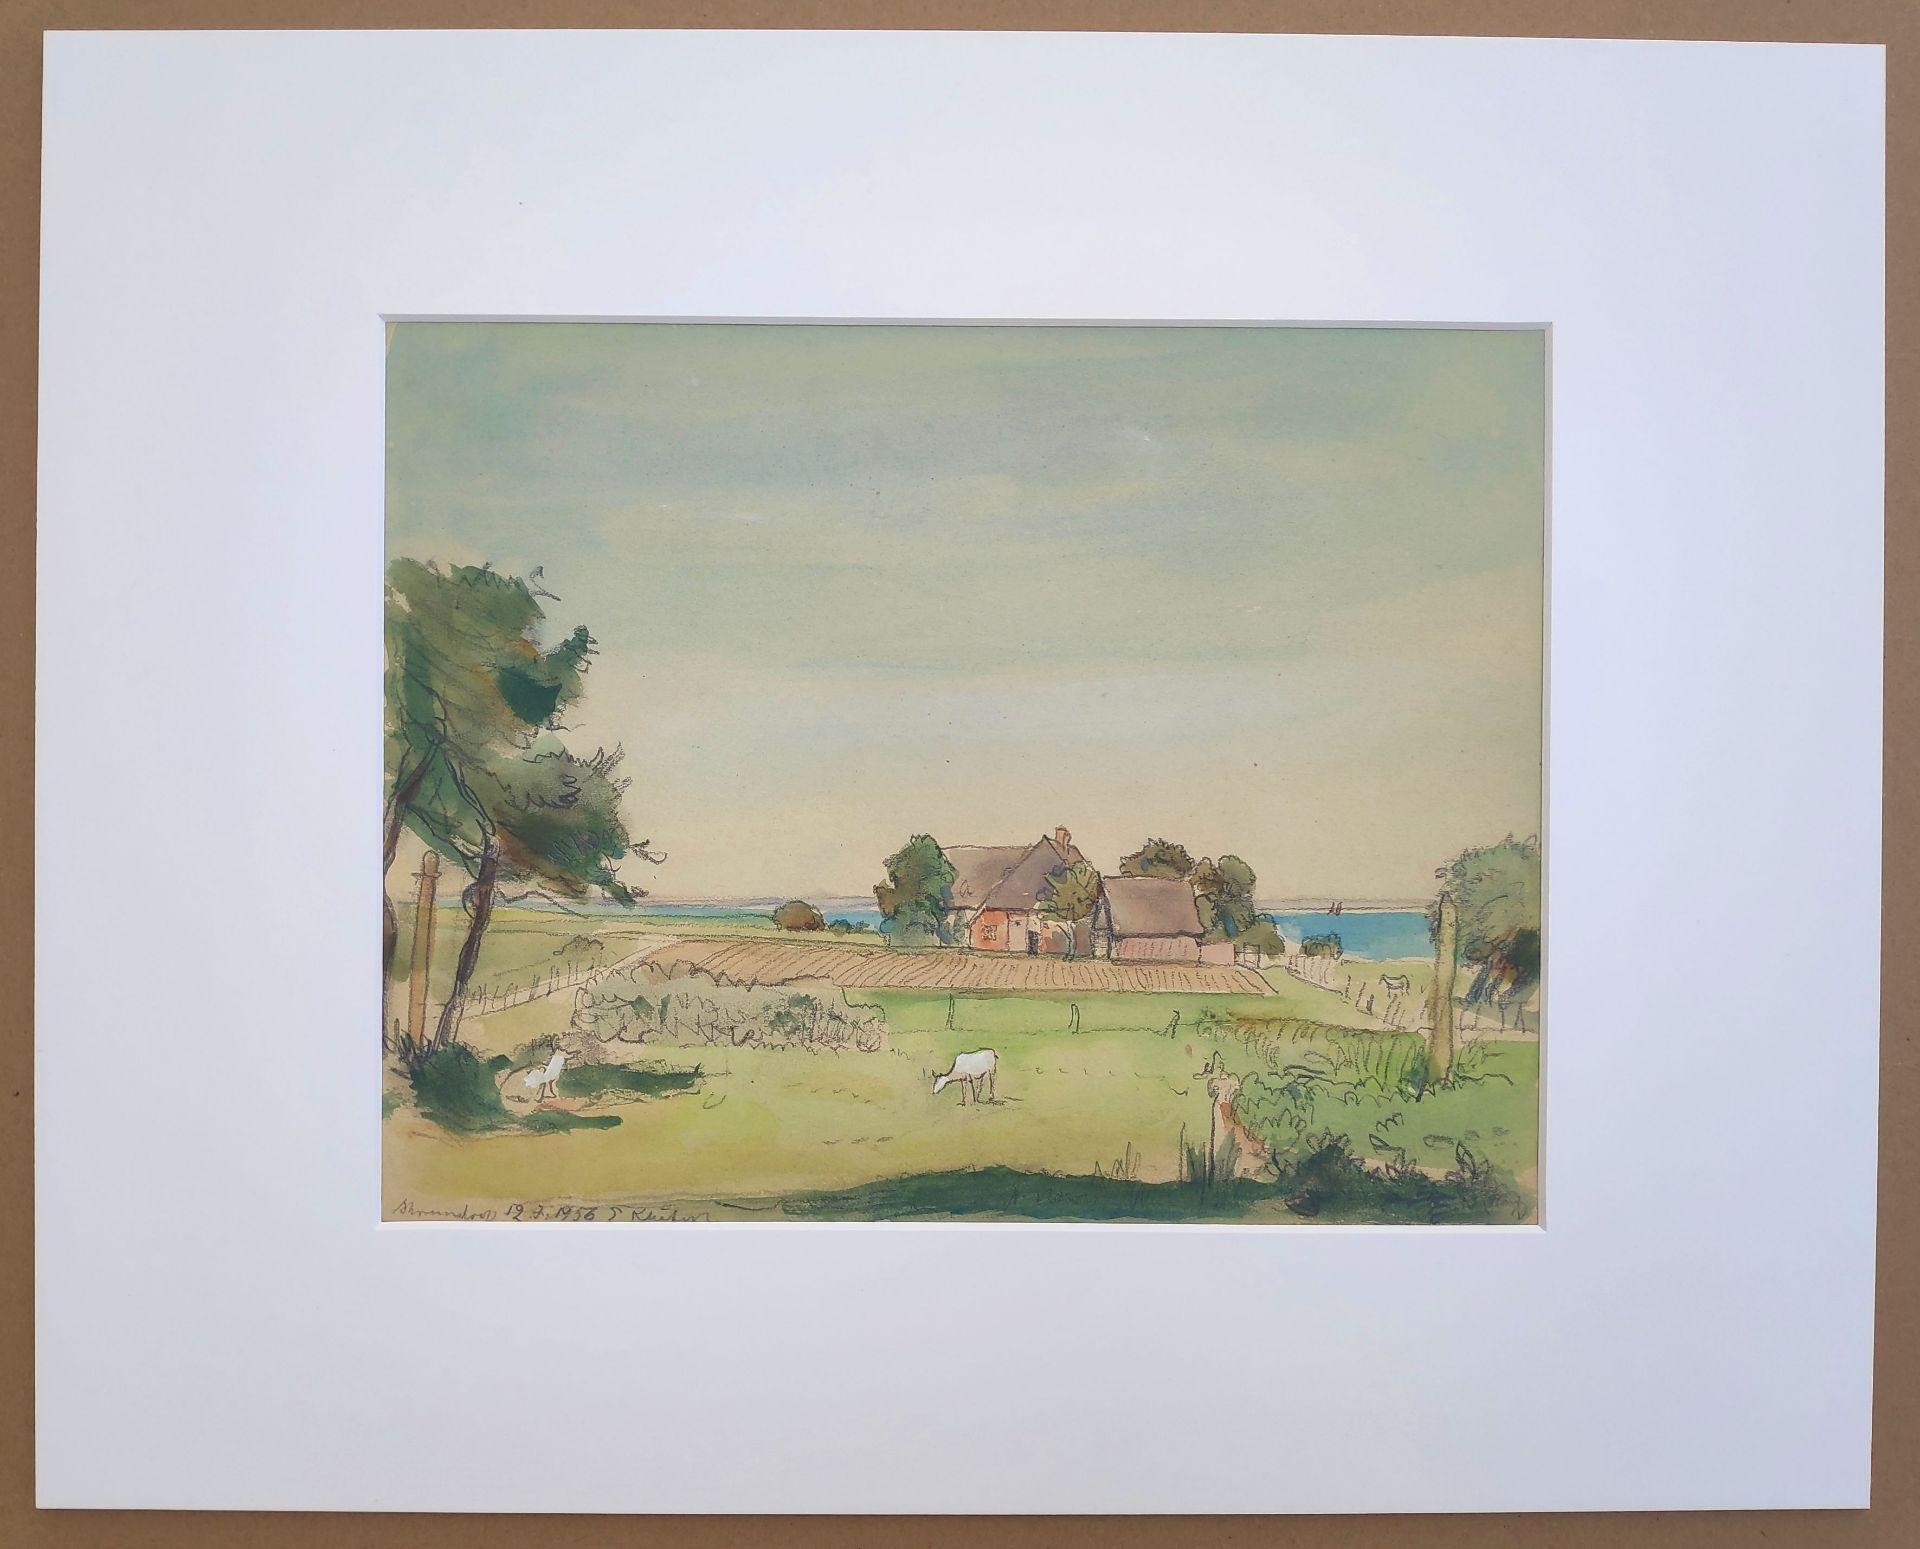 """Kliefert, Erich (1893-Berlin – 1994 Stralsund) """"Katen in Ahrenshoop"""" - Bild 2 aus 3"""